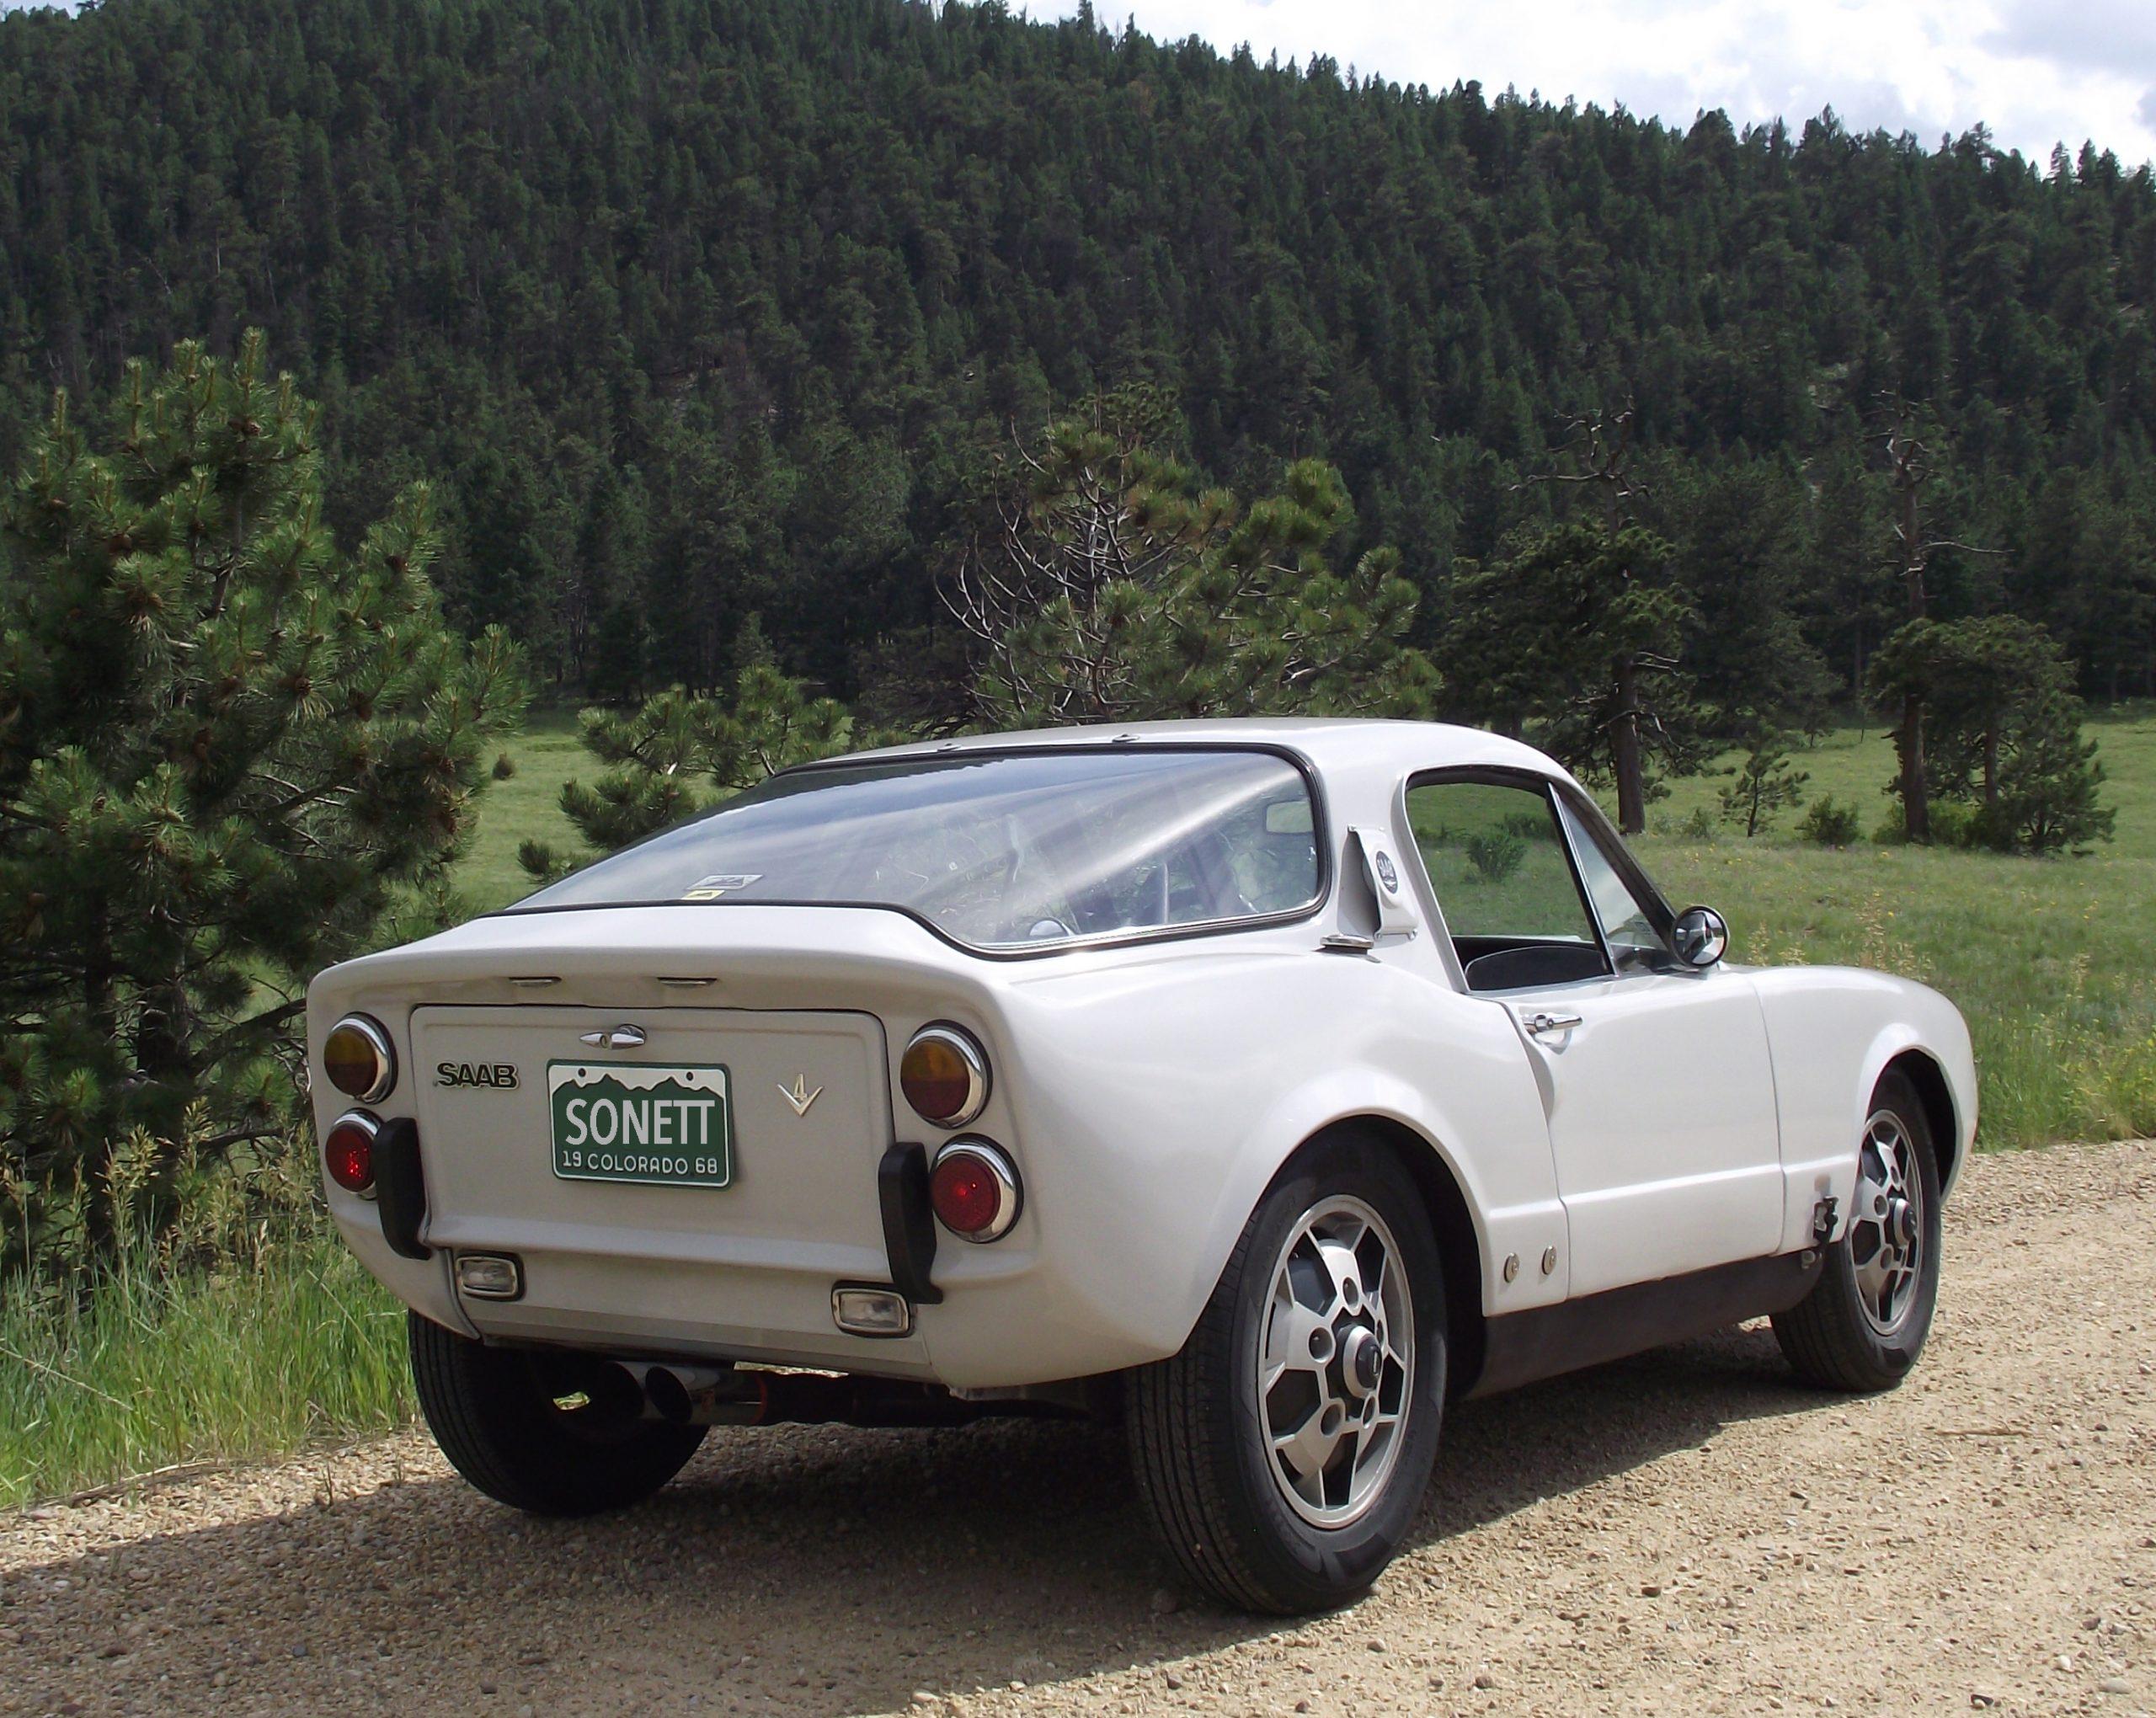 1968 SAAB Sonett V4